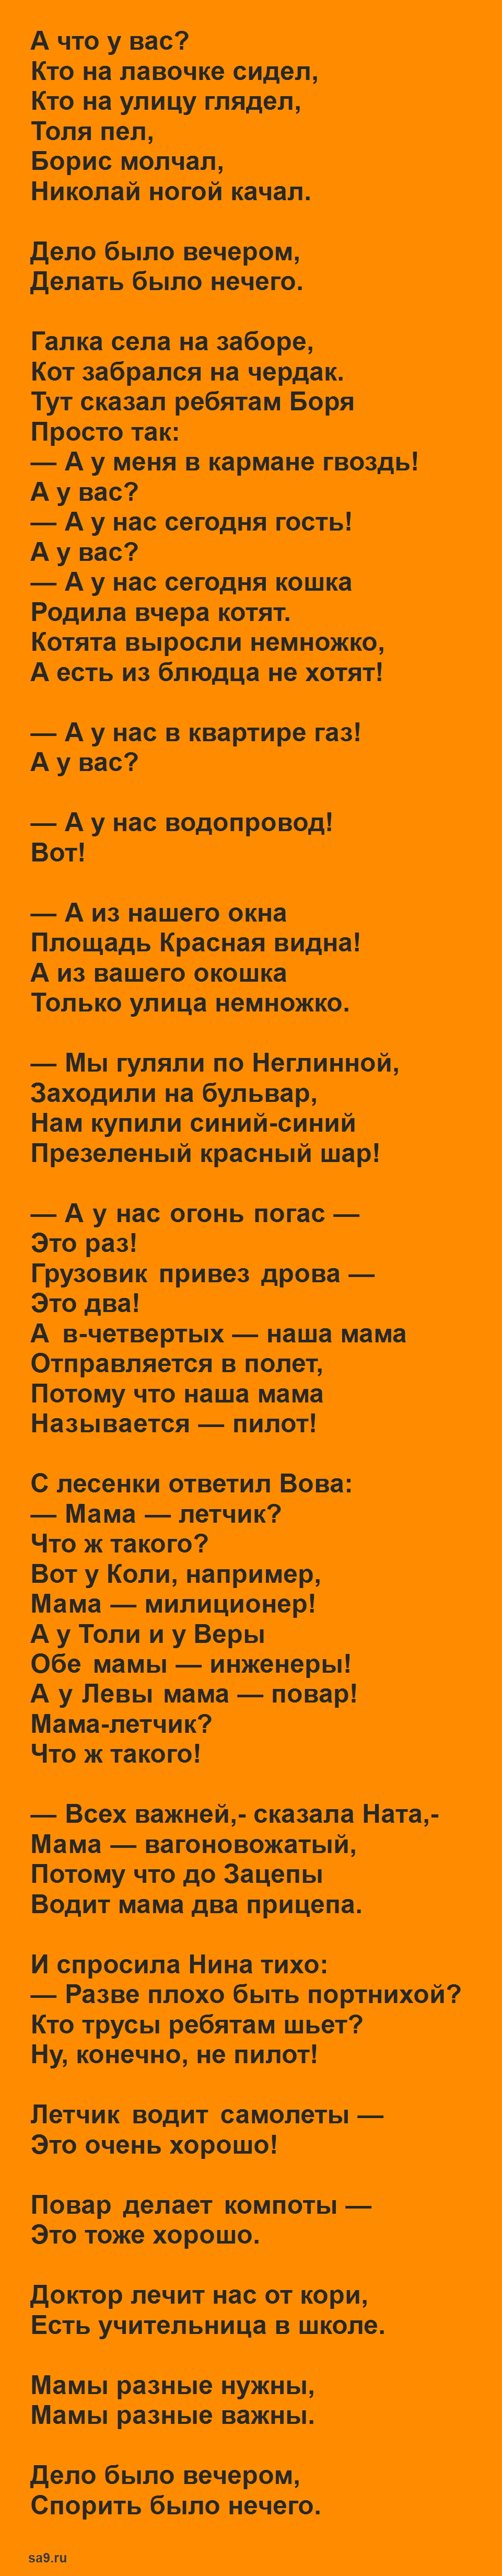 Стих Михалкова - Дело было вечером